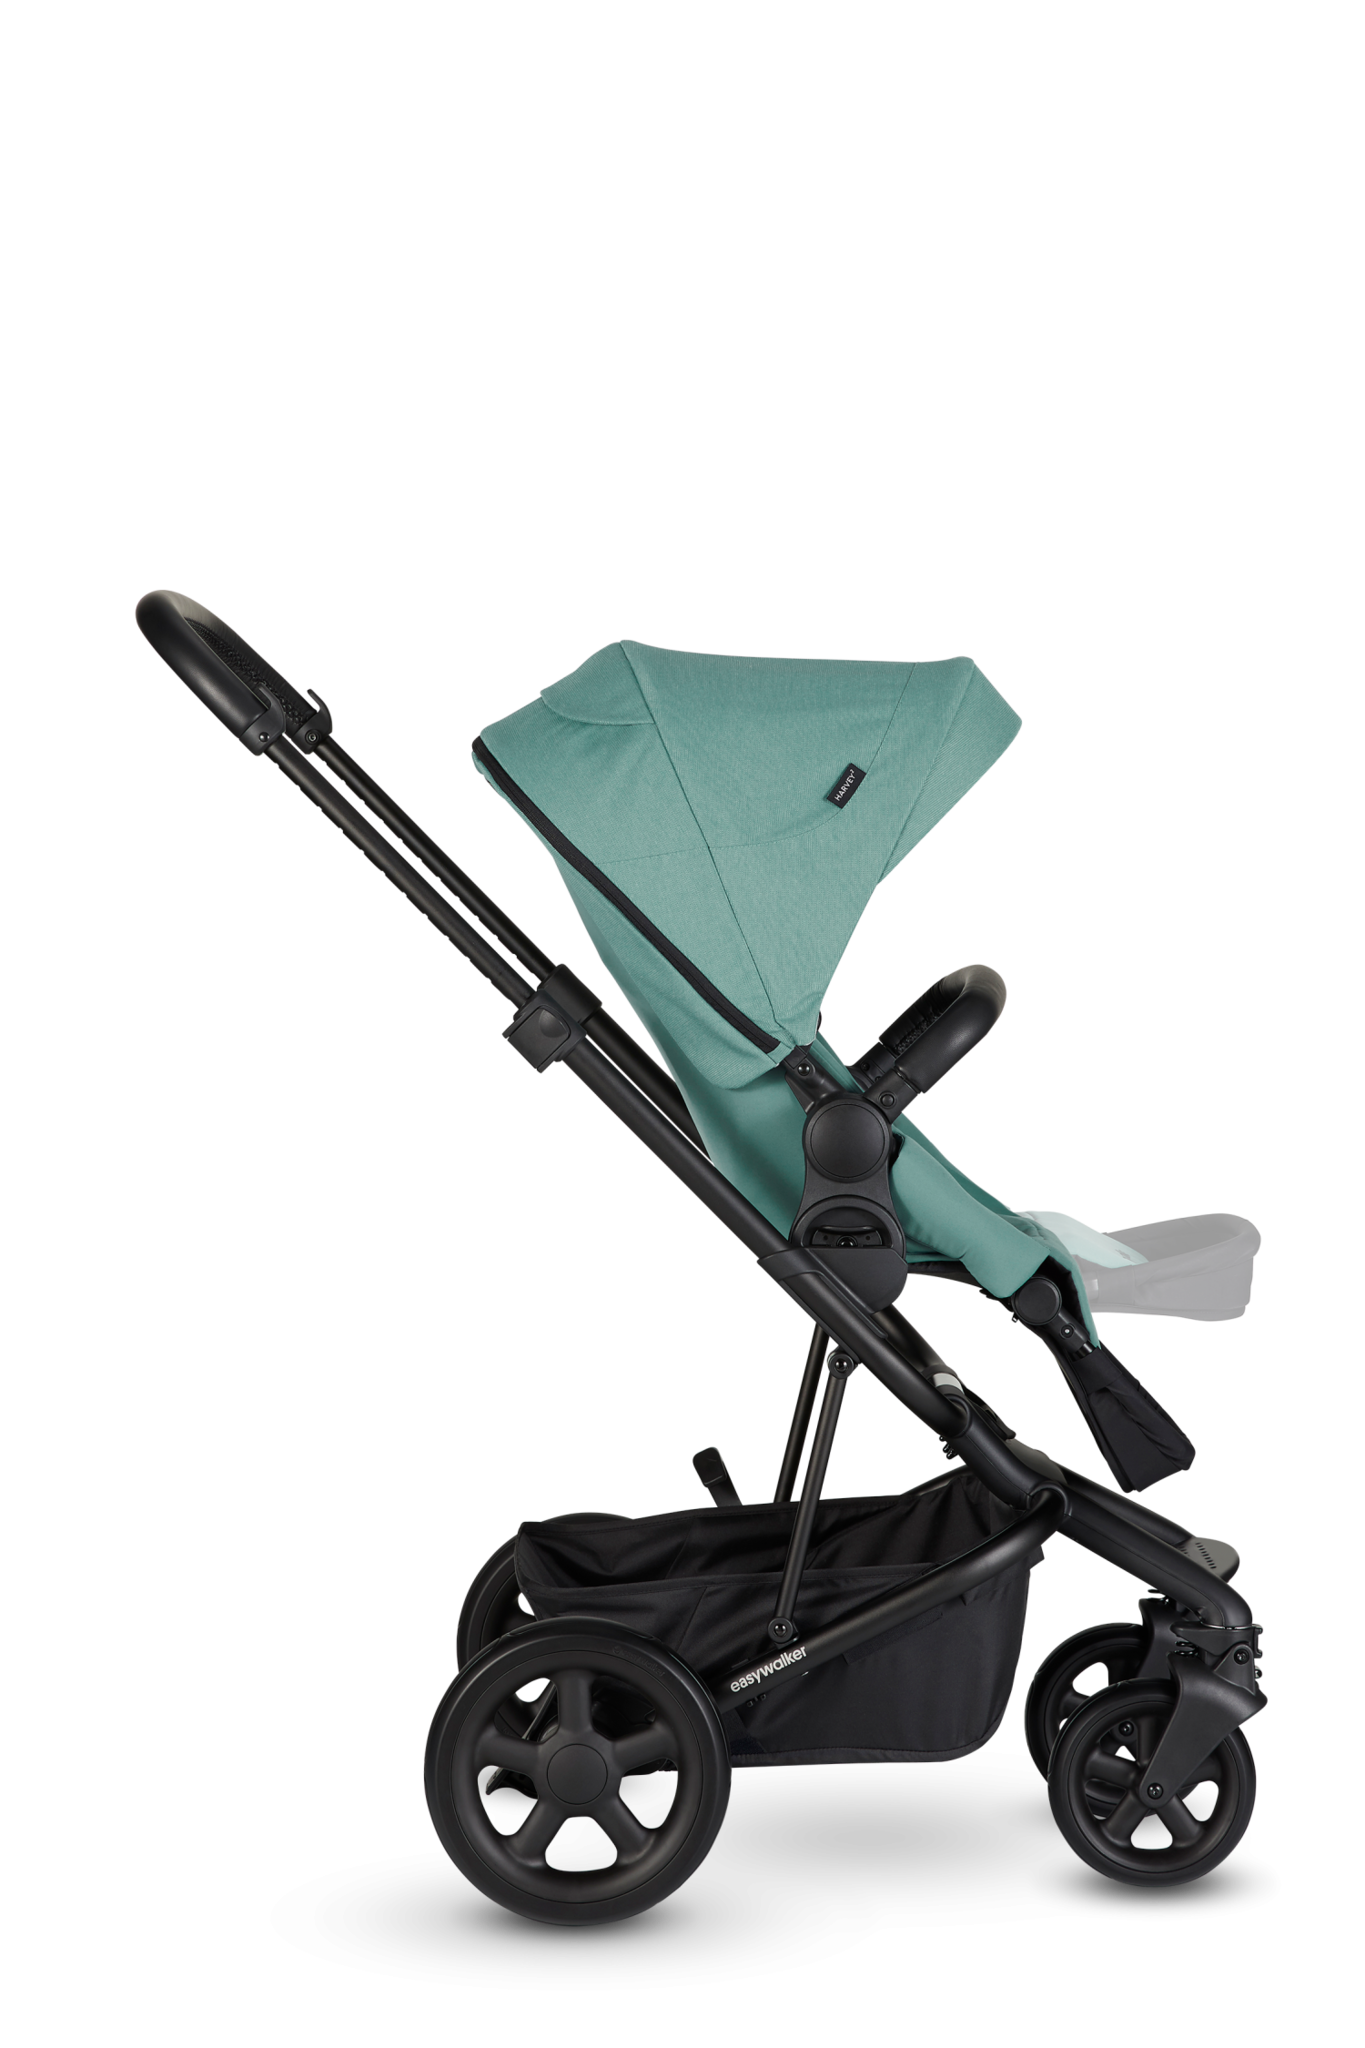 Easywalker Harvey² Kinderwagen + Reiswieg + Voetenzak + Autostoel-adapter + Hoogte-adapter Desert pink